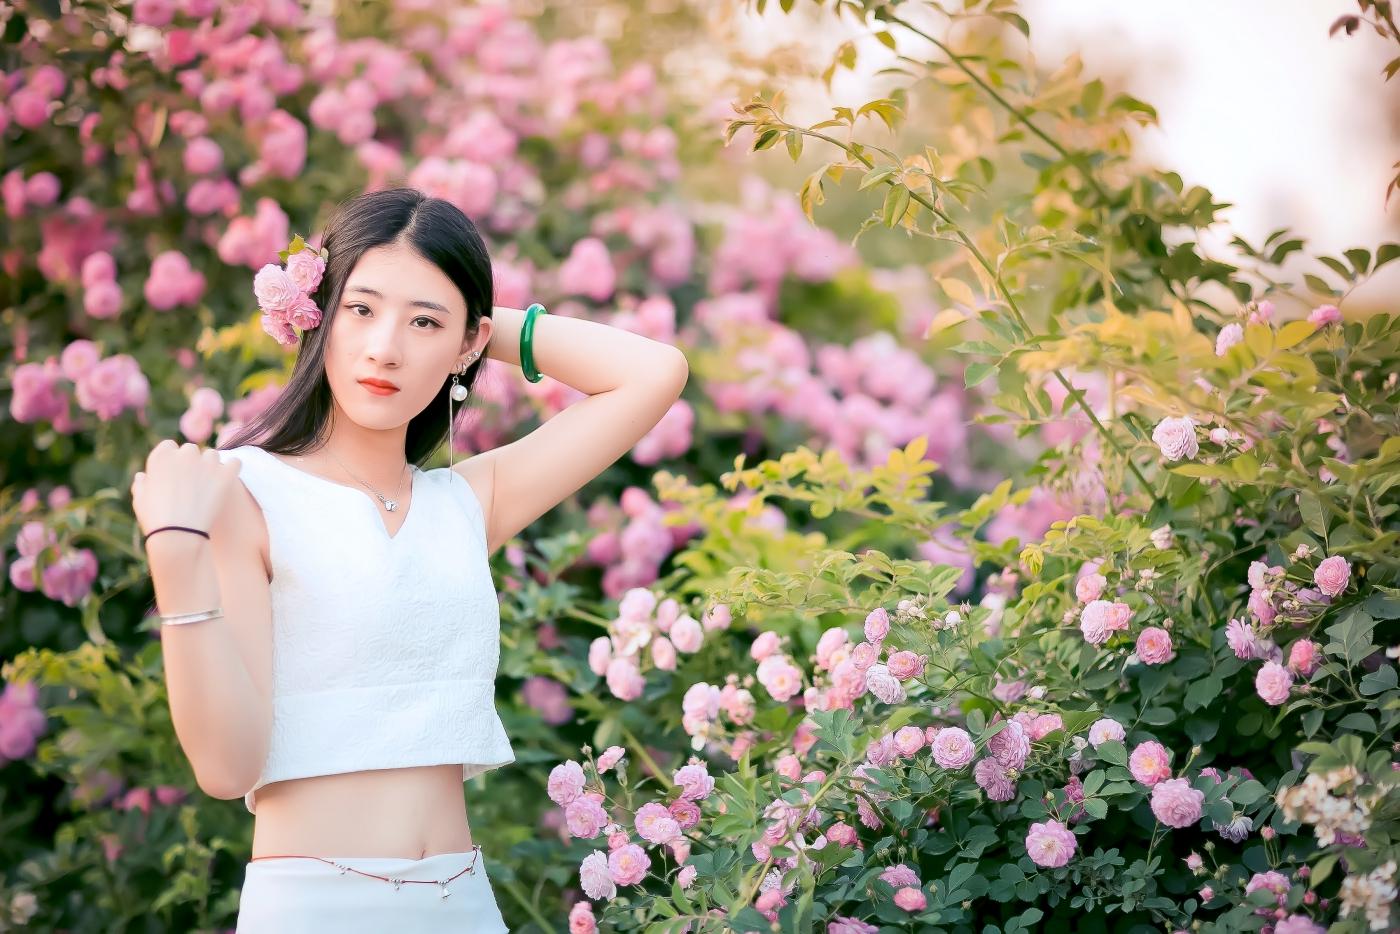 临沂大学有这么一道美丽的蔷薇长廊 当蔷薇MM王璐在她面前走过 ..._图1-22